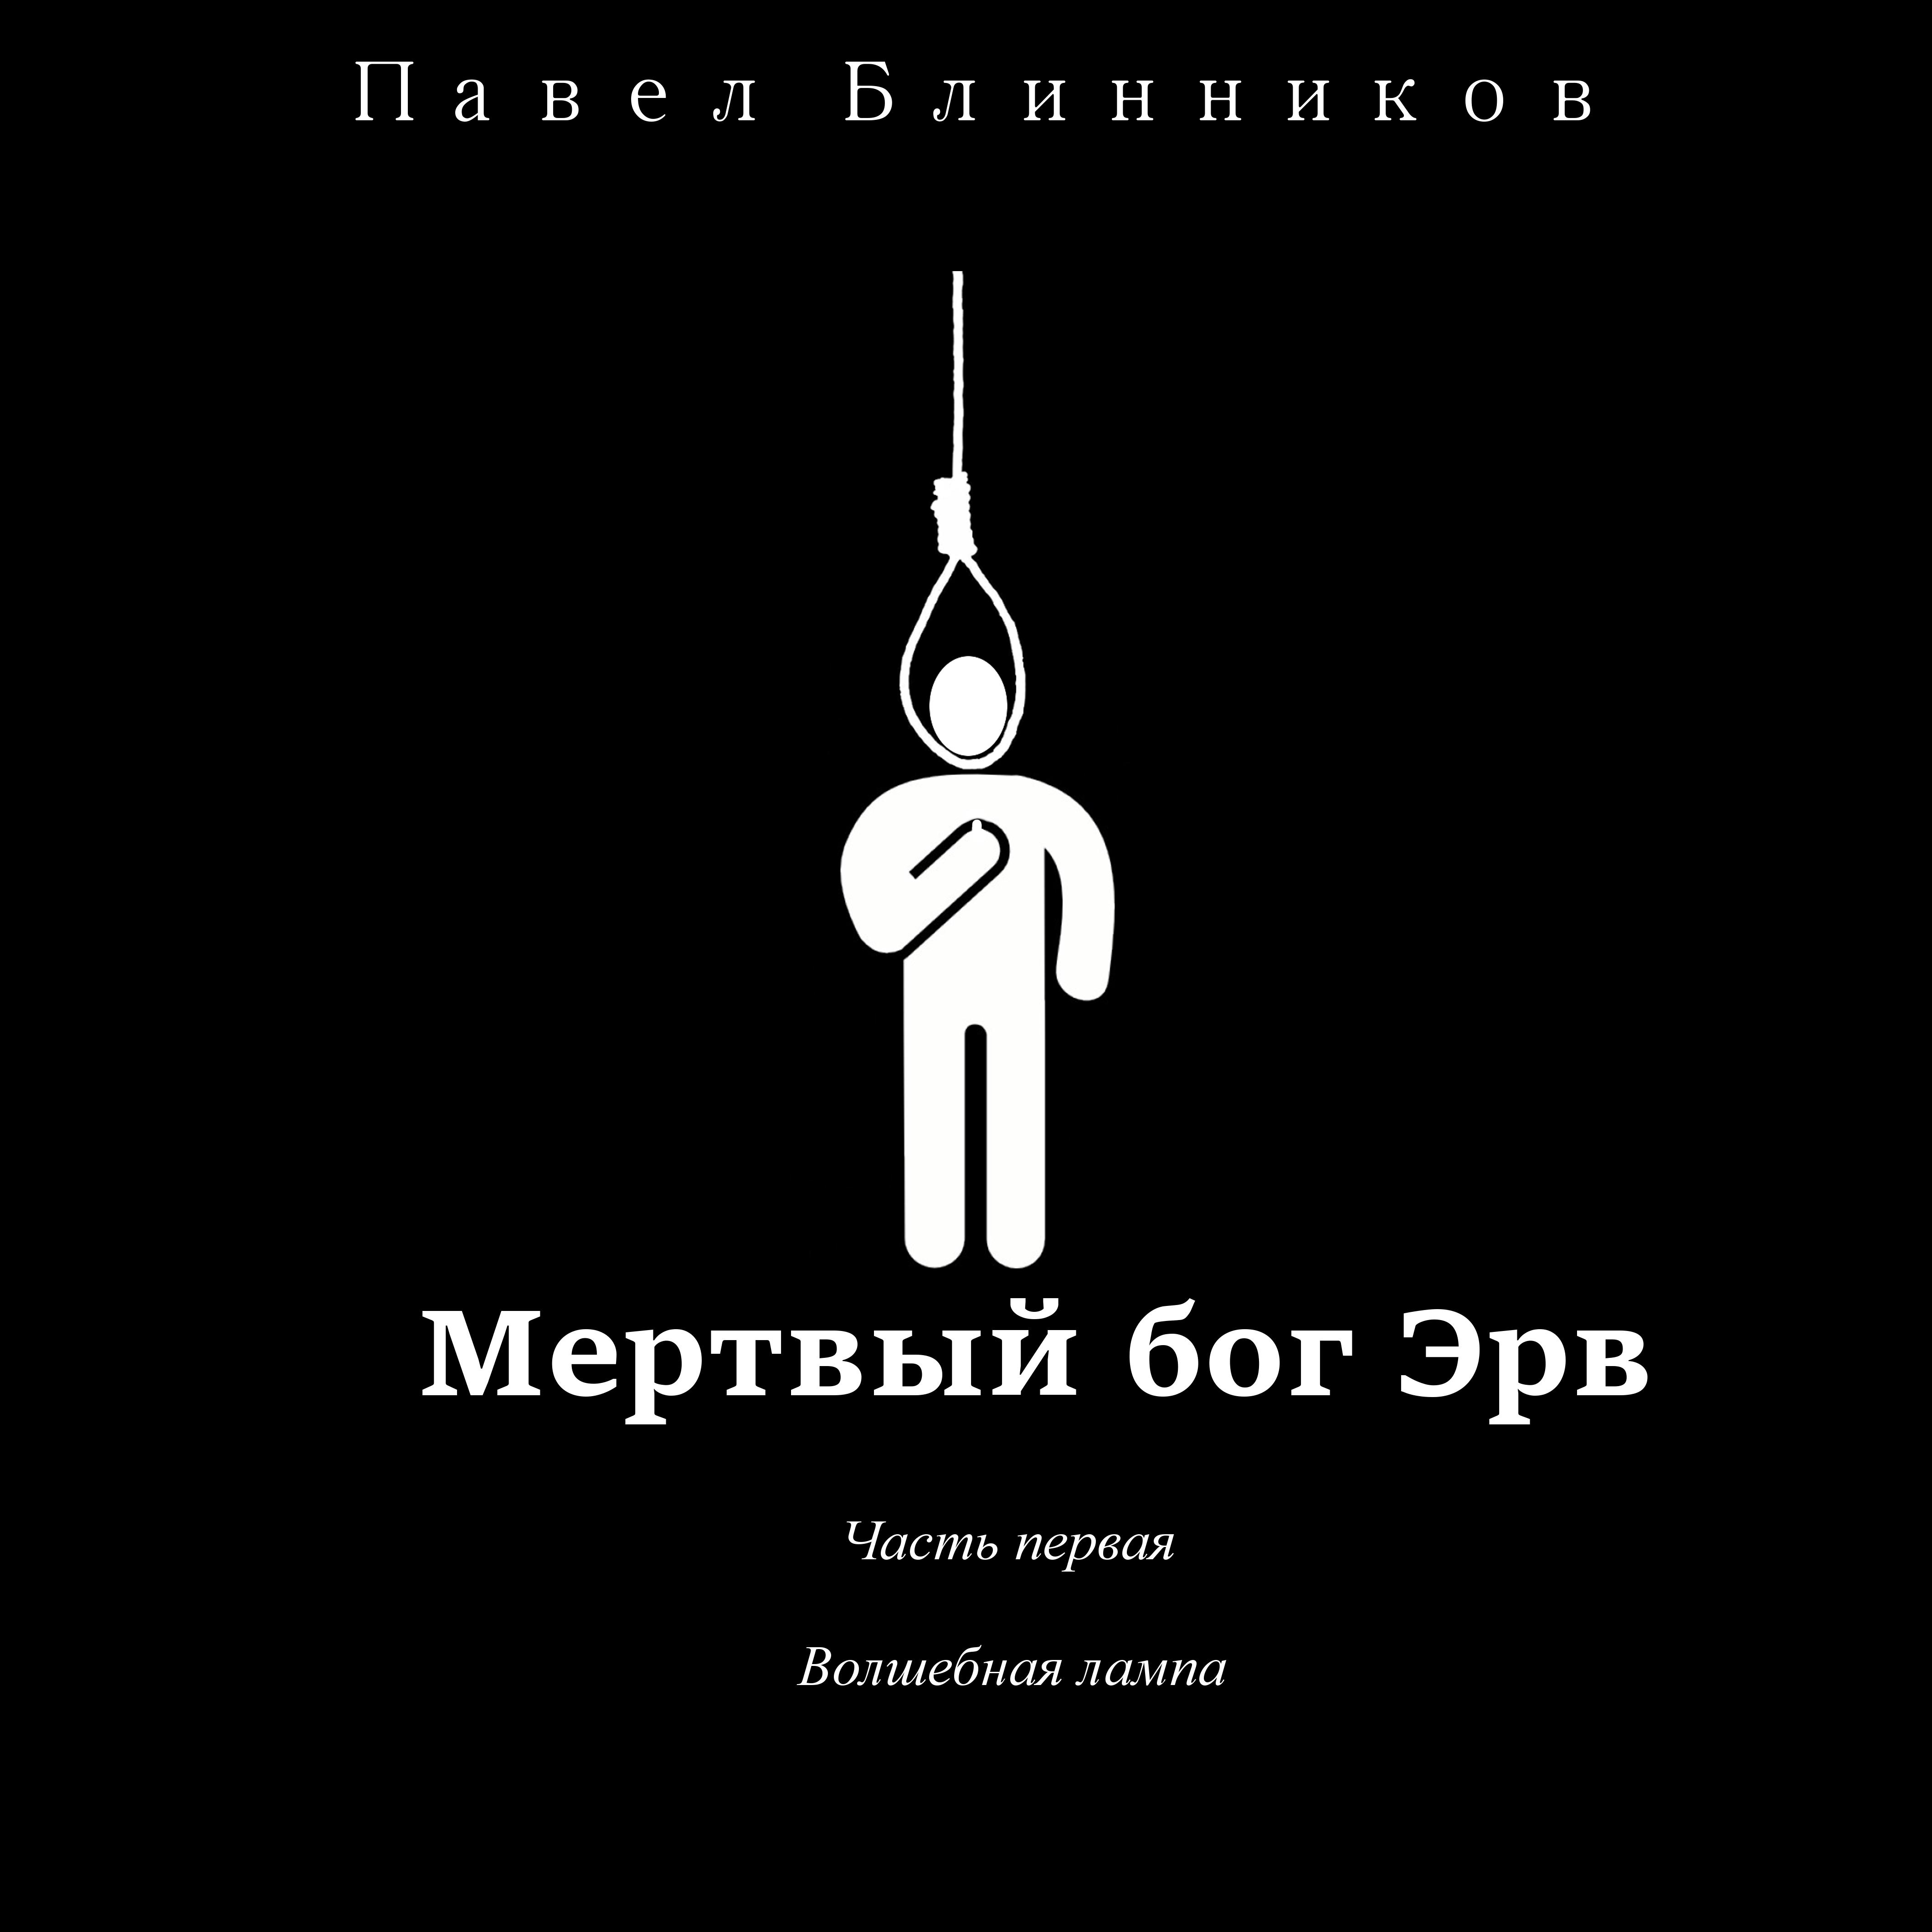 shodnenskoy-evgeniya-puhliy-lobok-torchit-iz-shtanov-foto-trahnul-zreluyu-nachalnitsu